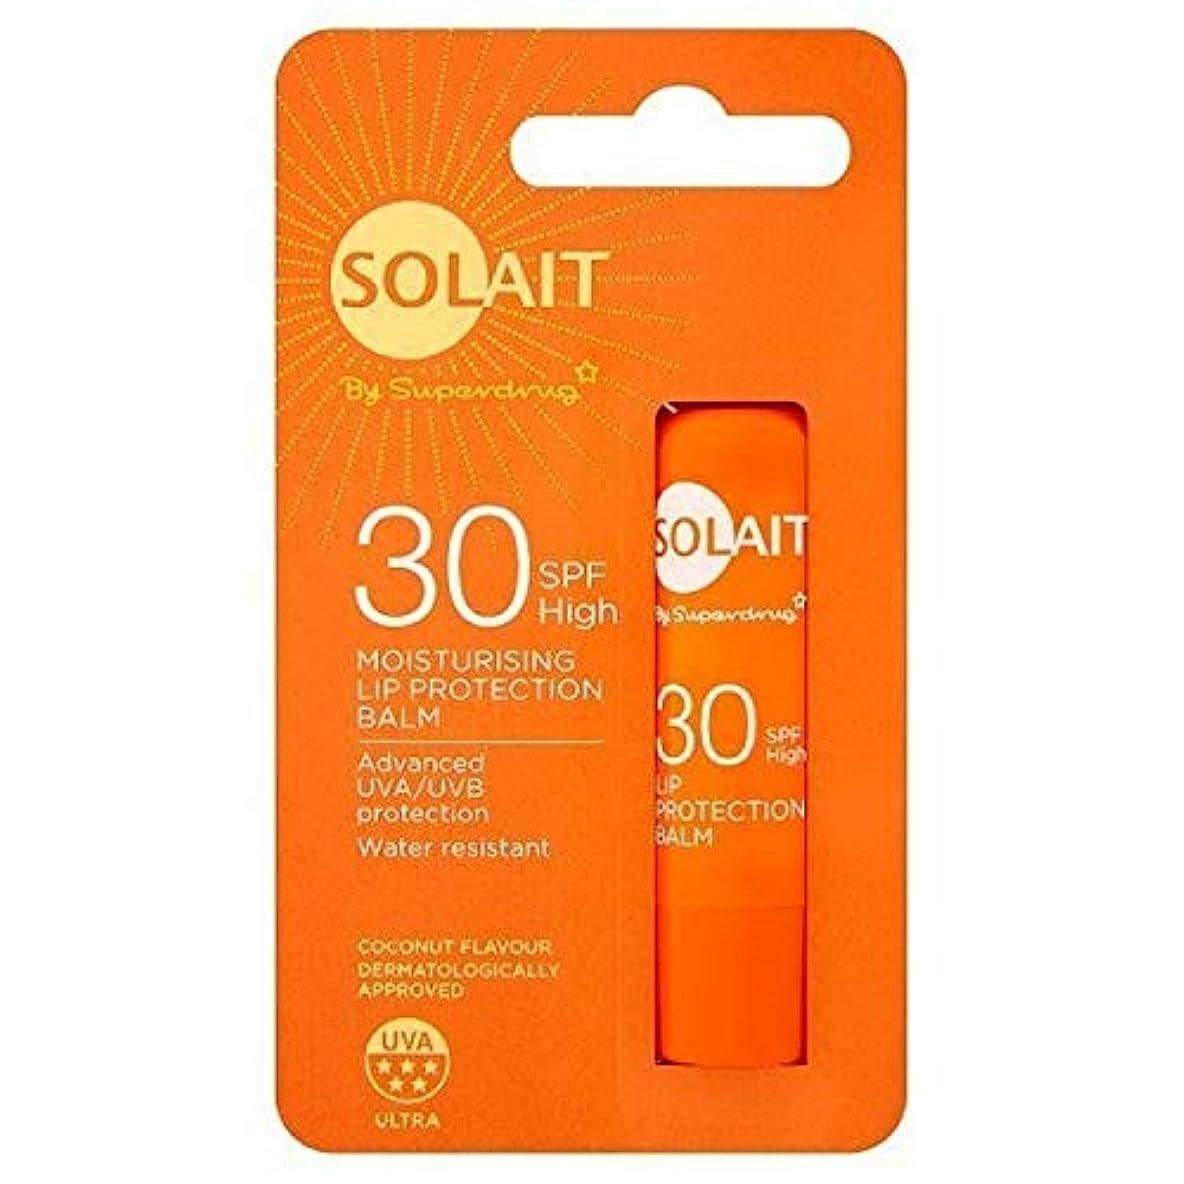 いたずら狐縞模様の[Solait] SolaitリッププロテクタースティックSpf30の4,8G - Solait Lip Protector Stick SPF30 4,8g [並行輸入品]